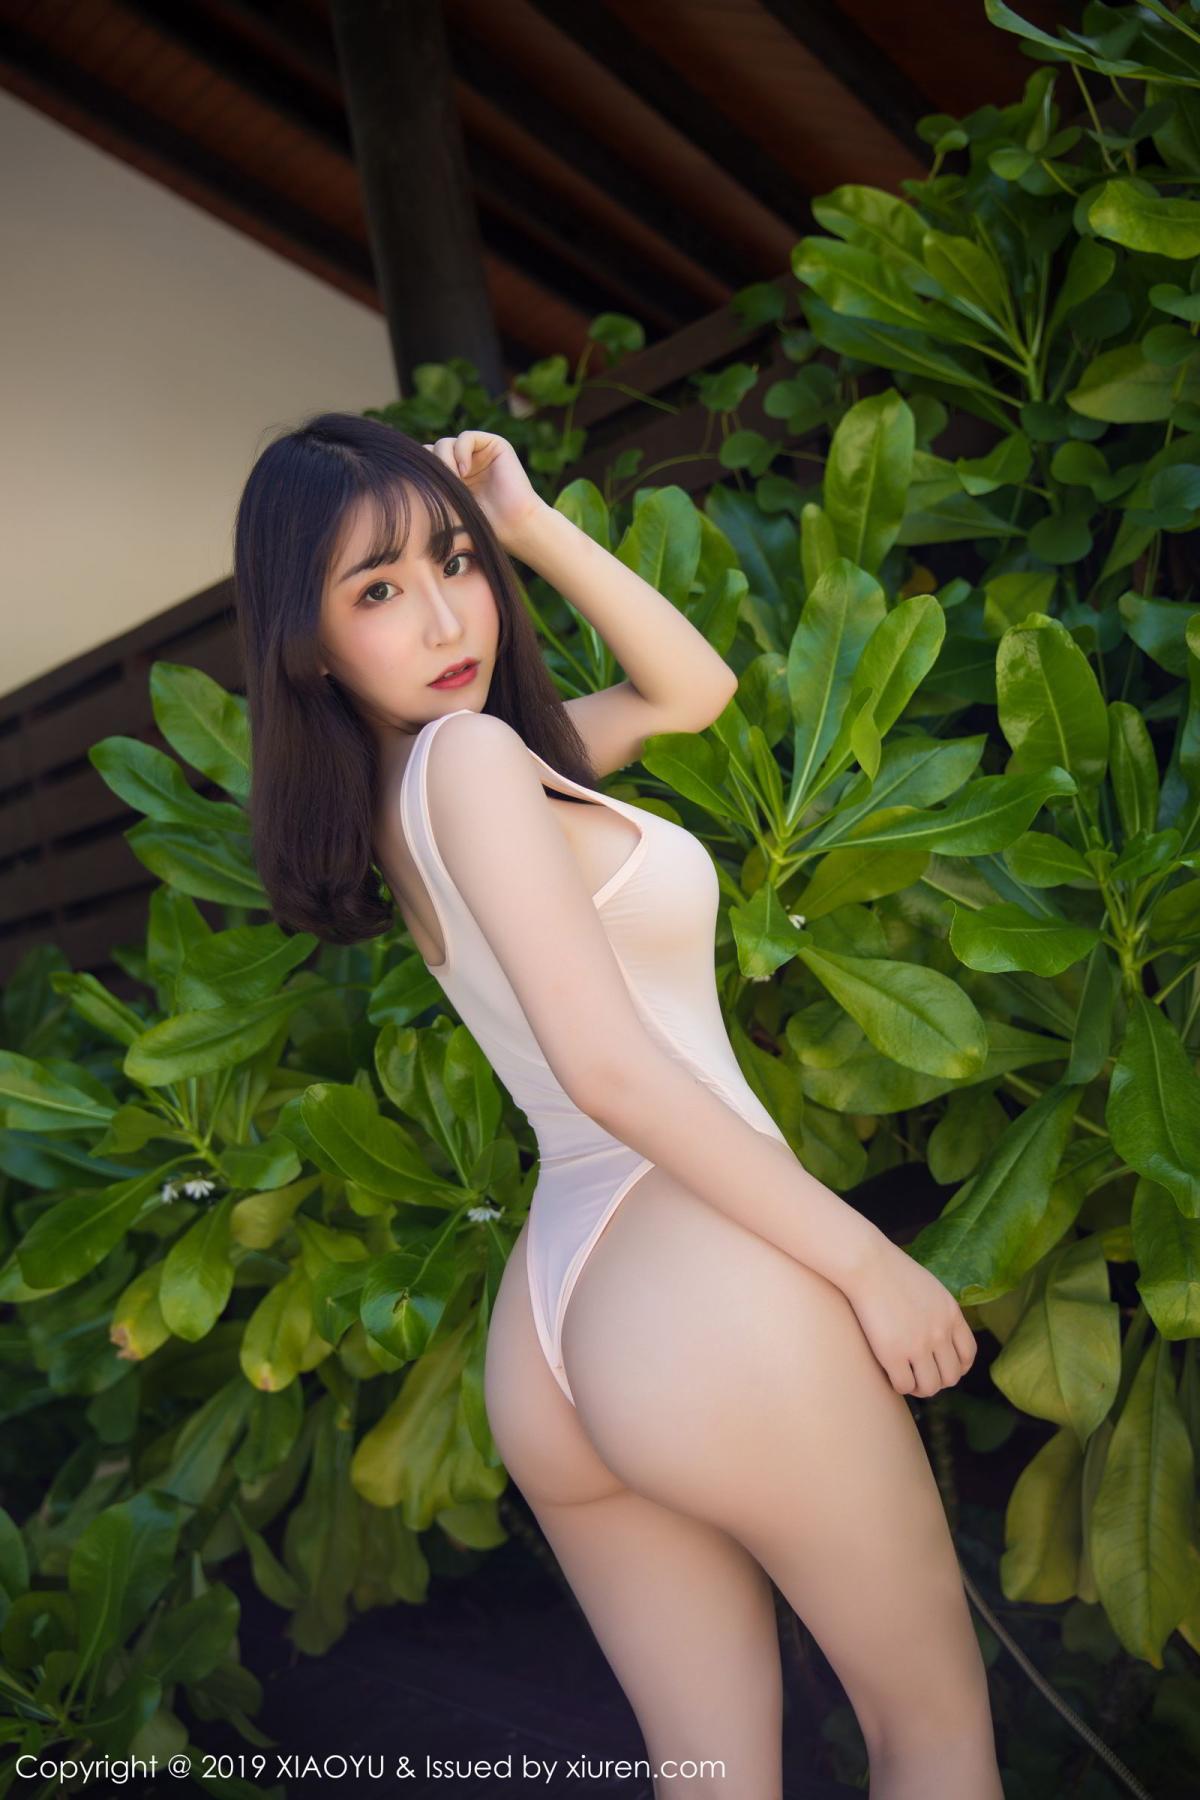 [XiaoYu] Vol.155 Xie Zhi Xin 10P, Bathroom, Big Booty, Wet, XiaoYu, Xie Zhi Xin